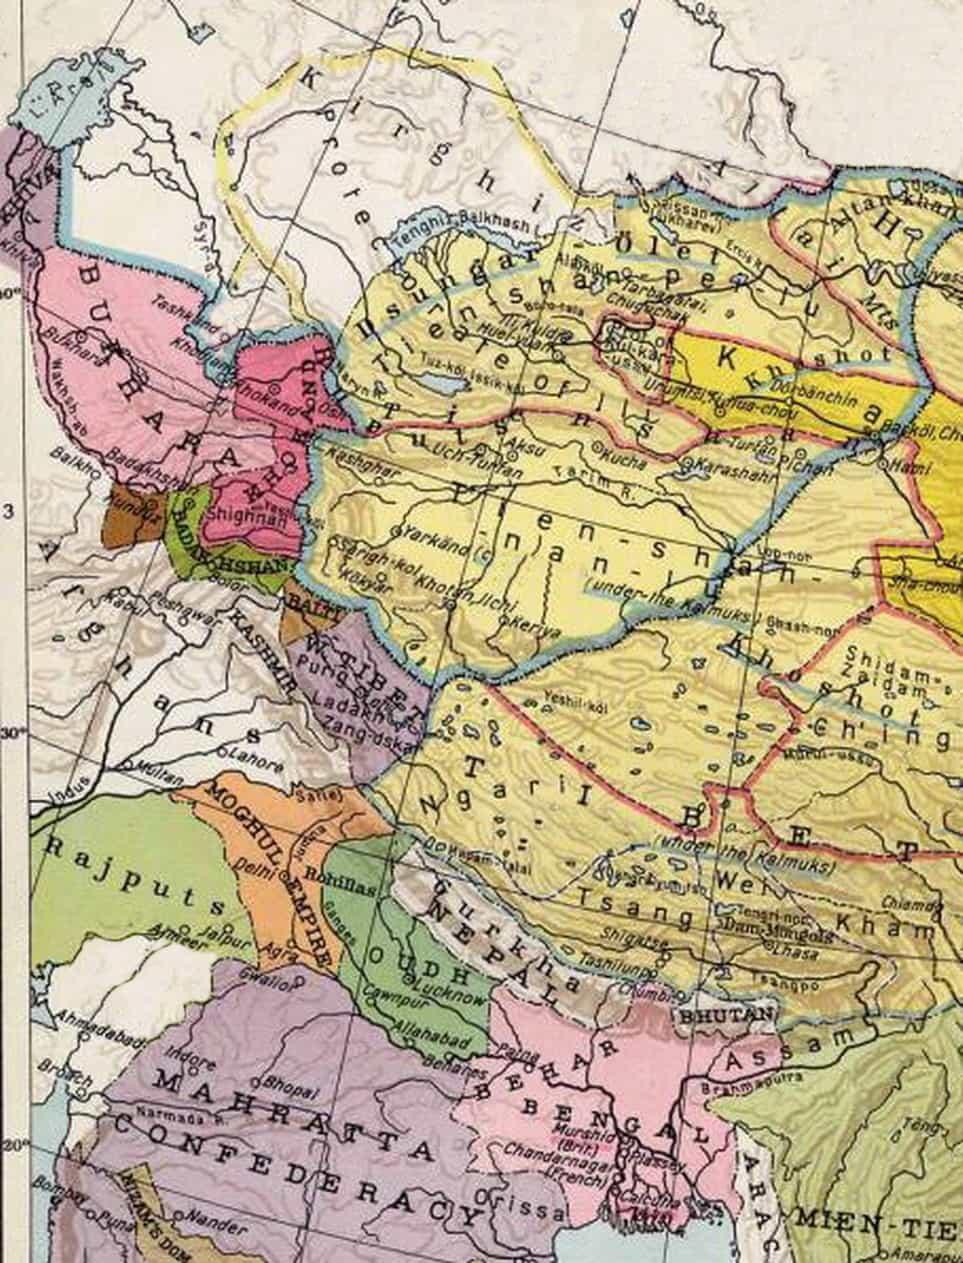 Chagatai Khanate at 1860